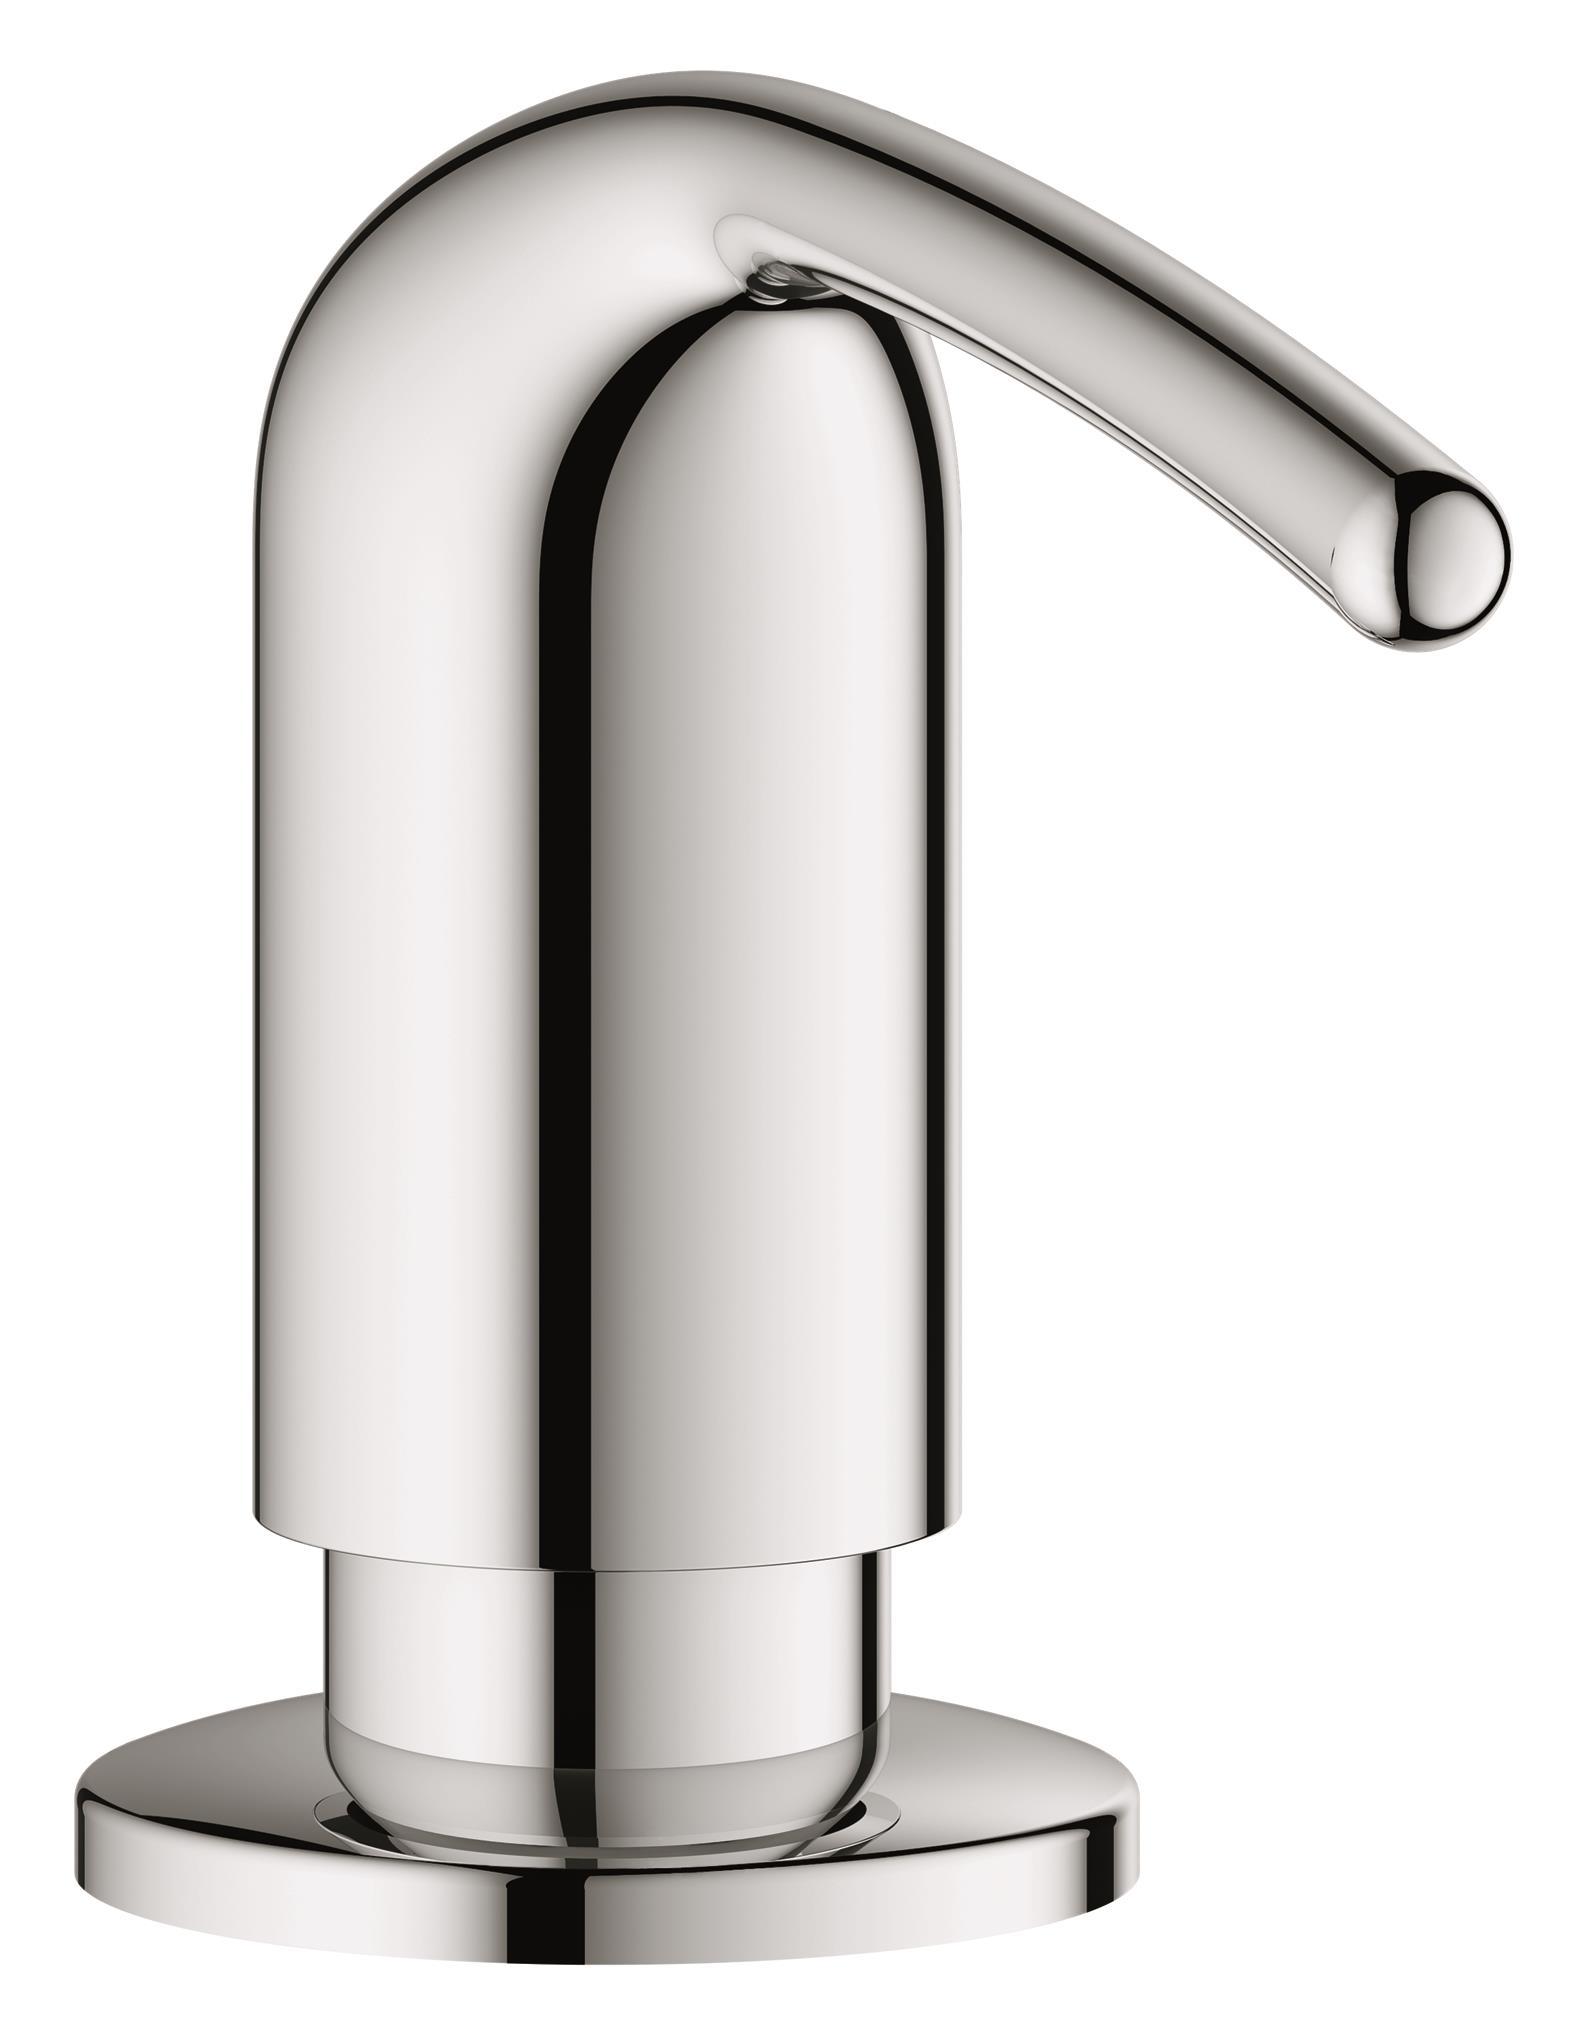 Дозатор для жидкого мыла Grohe Zedra, встраиваемый в столешницу, 400 млCLP446Дозатор для жидкого мыла Grohe Zedra идеален для современных ванных комнат, его геометрические формы и чистые линии играют ключевую роль. В серии Zedra вы сможете найти несколько смесителей для ванной и кухни, но также вы сможете найти много аксессуаров, которые смогут внести последний штрих в дизайн ванной.